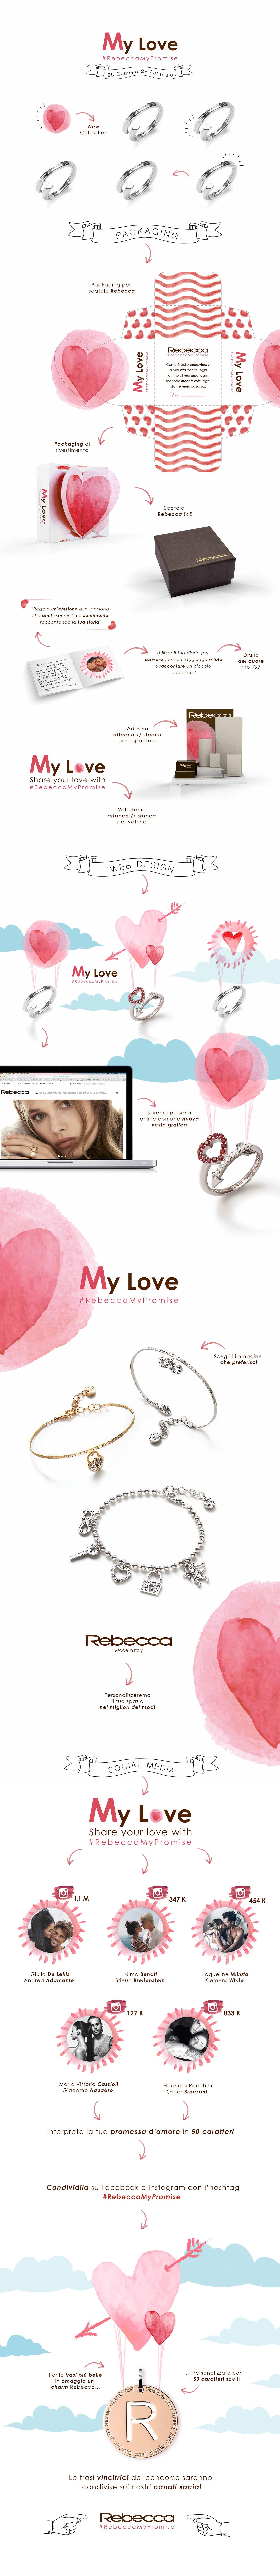 Rebecca Gioielli // My Love // New Collection // San Valentino 2017 #RebeccaMyPromise //  @fabioschiano79 #rebeccagioielli #rebeccajewels